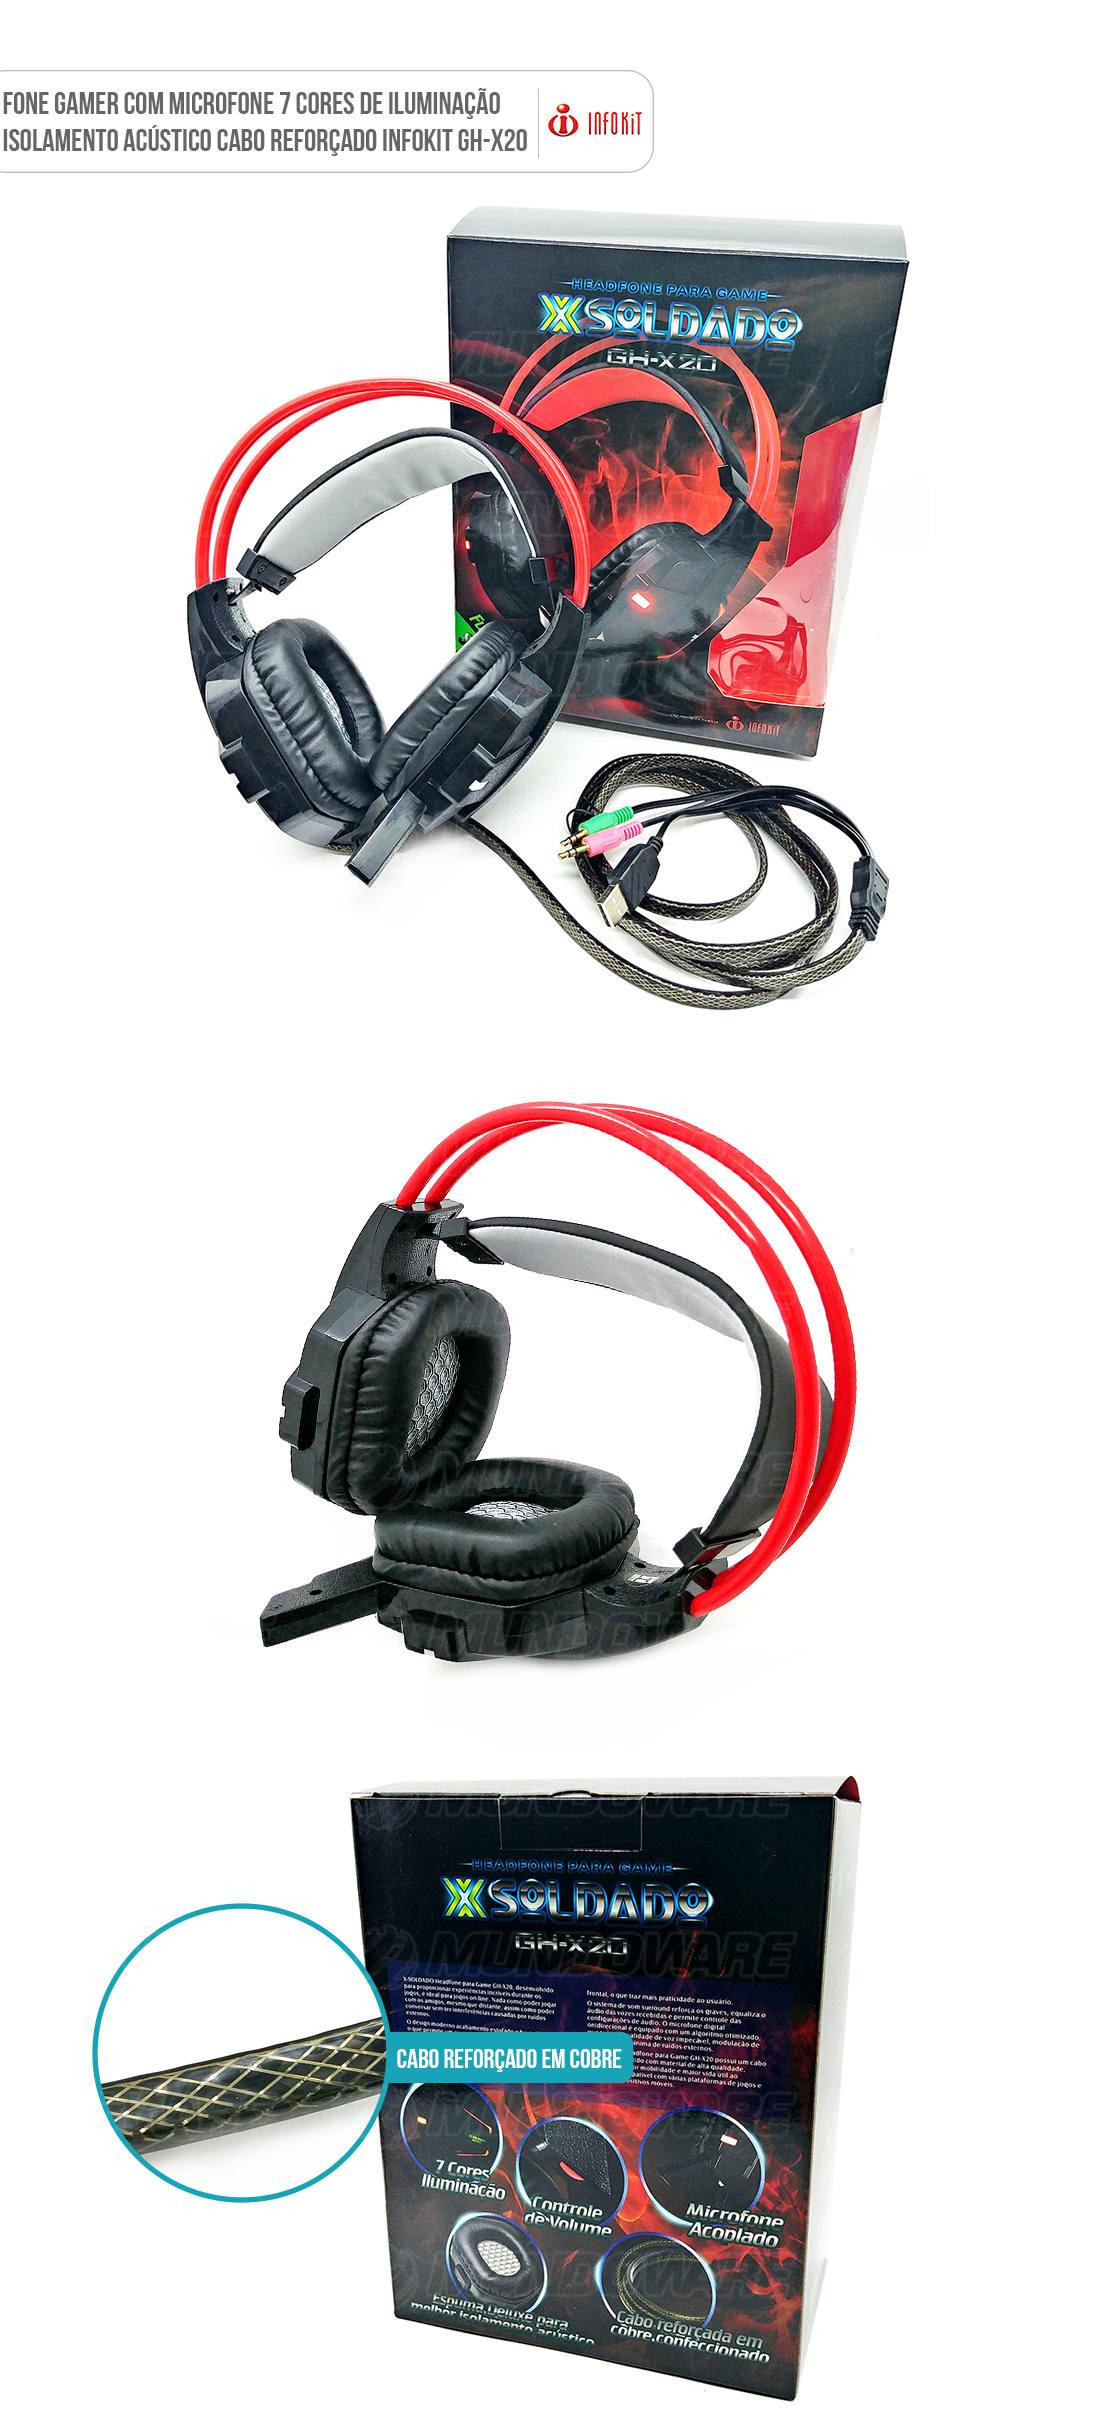 Fone de Ouvido Gamer com Microfone acoplado 7 cores Led cabo reforçado